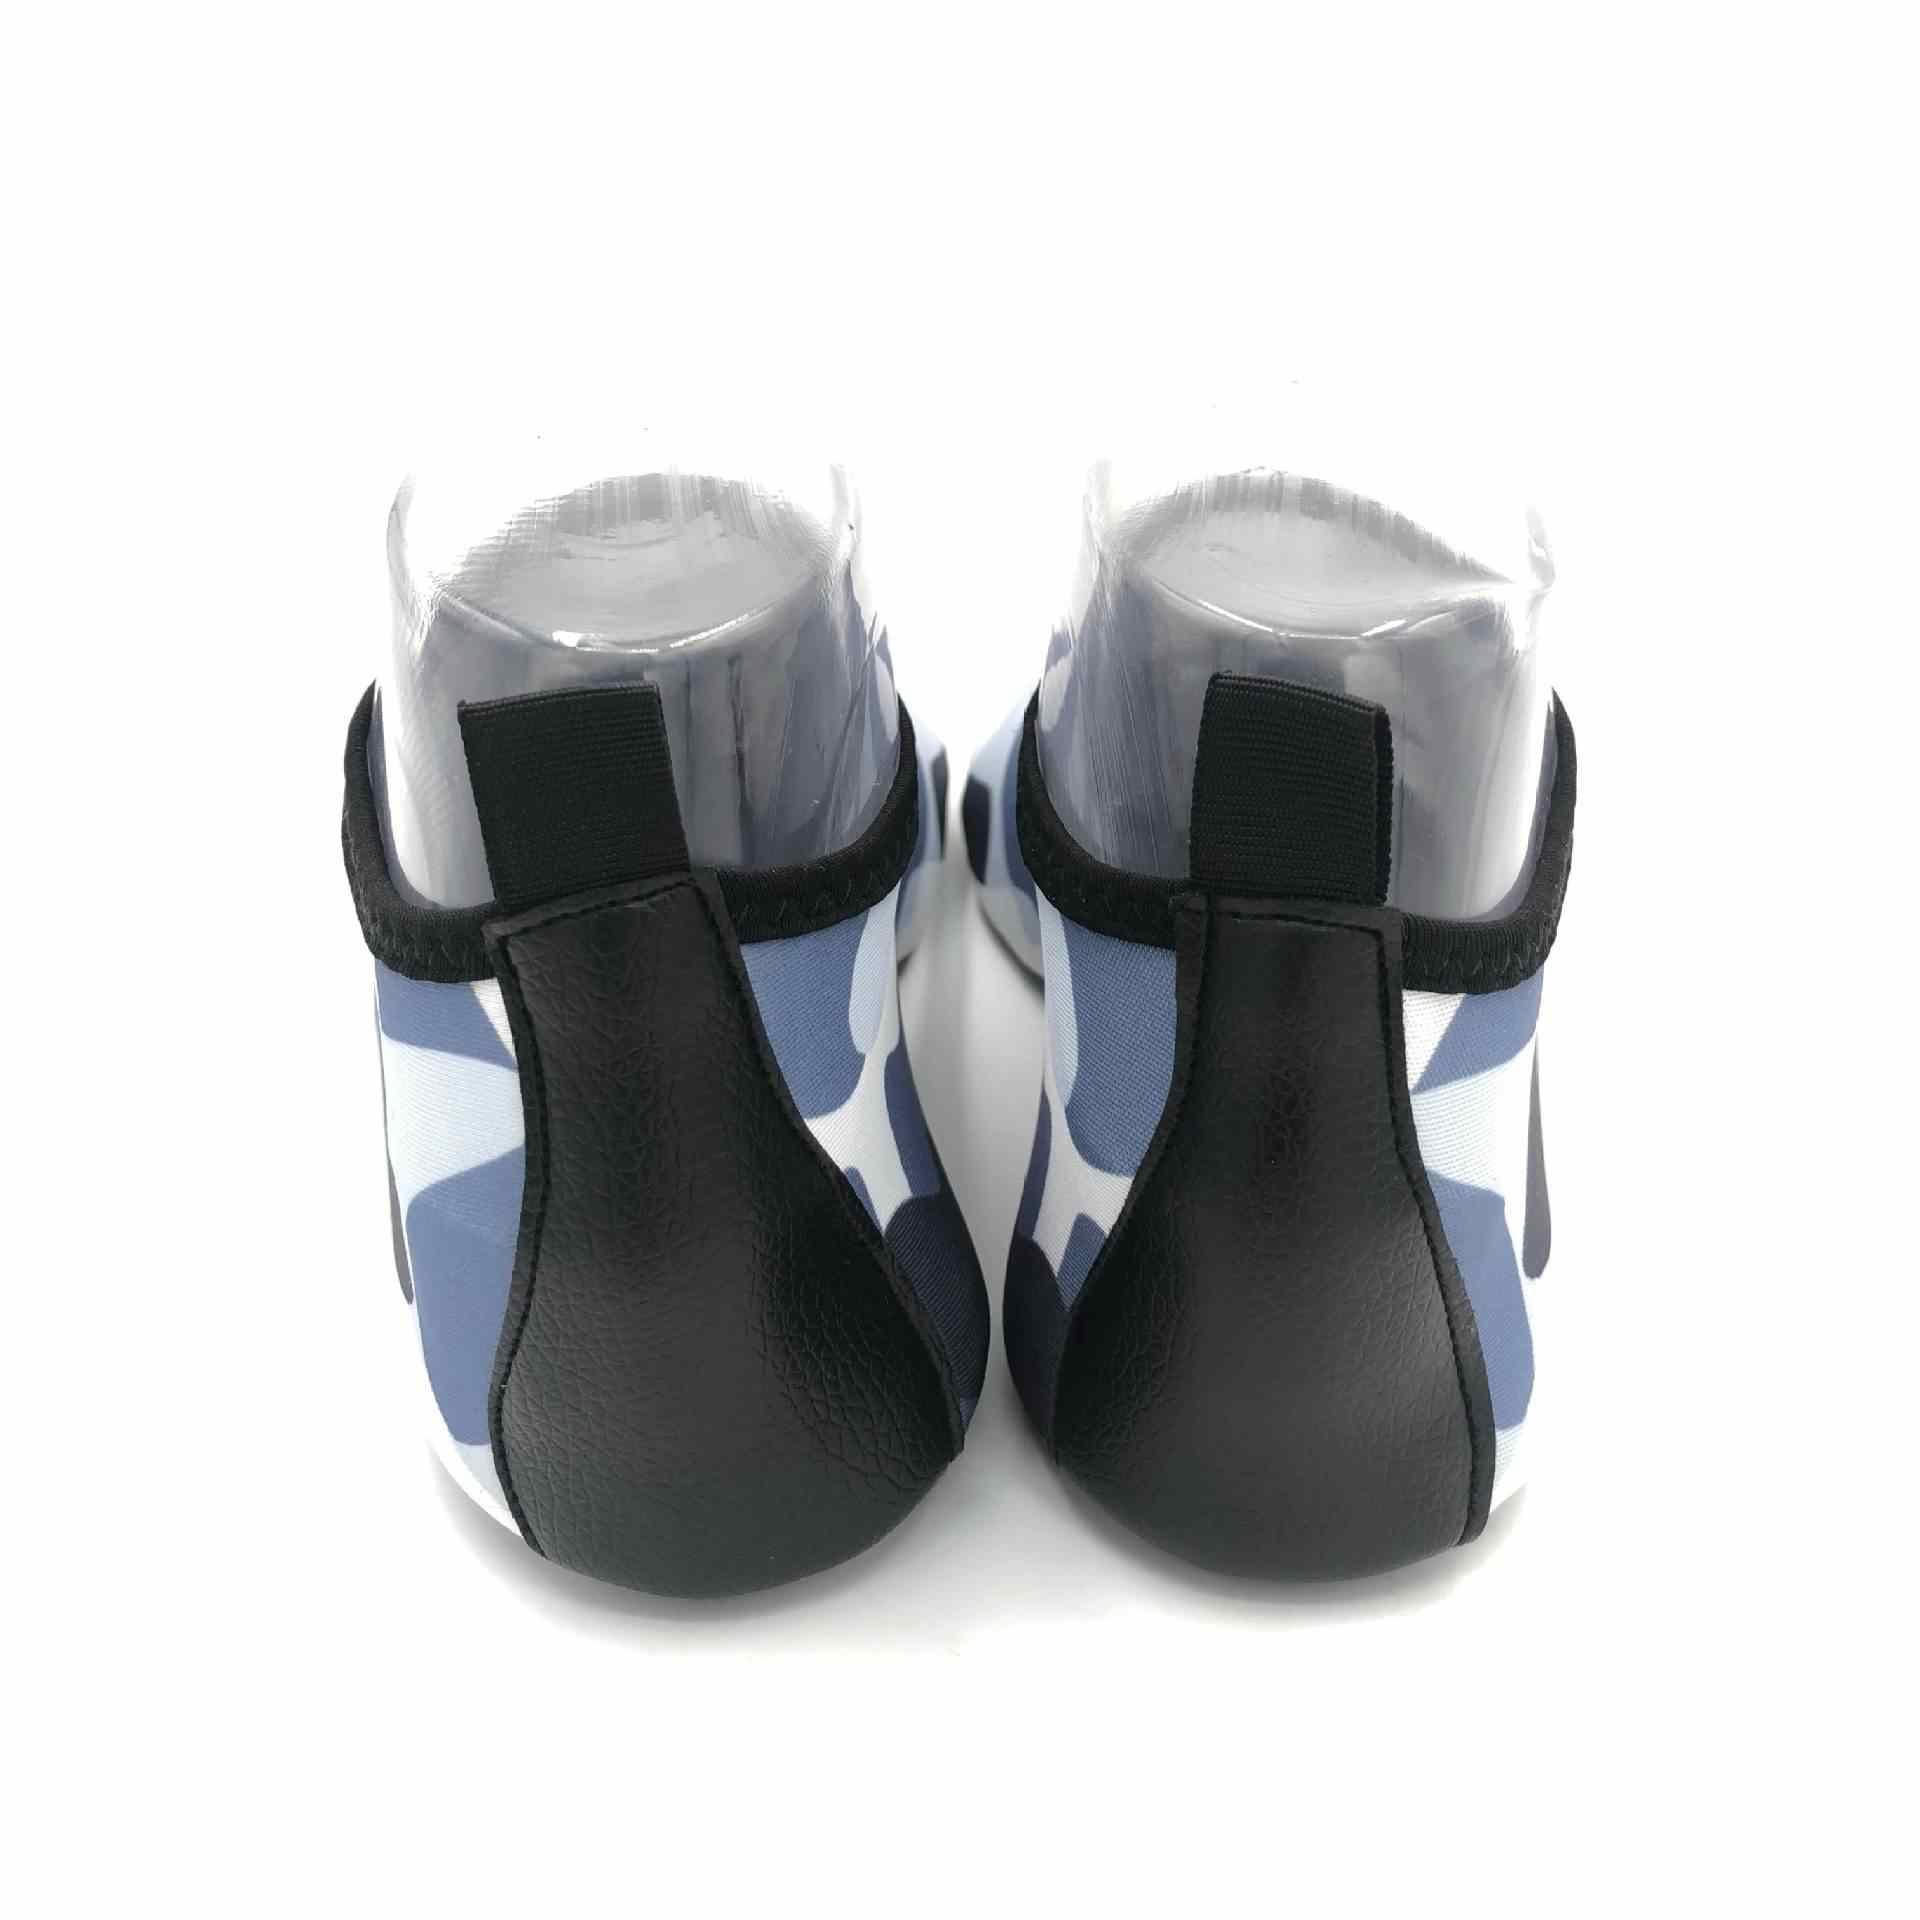 Fabryka sprzedaż bezpośrednia konfigurowalny mężczyzn i kobiety plaża buty do nurkowania buty do nurkowania Anti-slip Anti-krawat boso miękkie- podeszwa Wadi